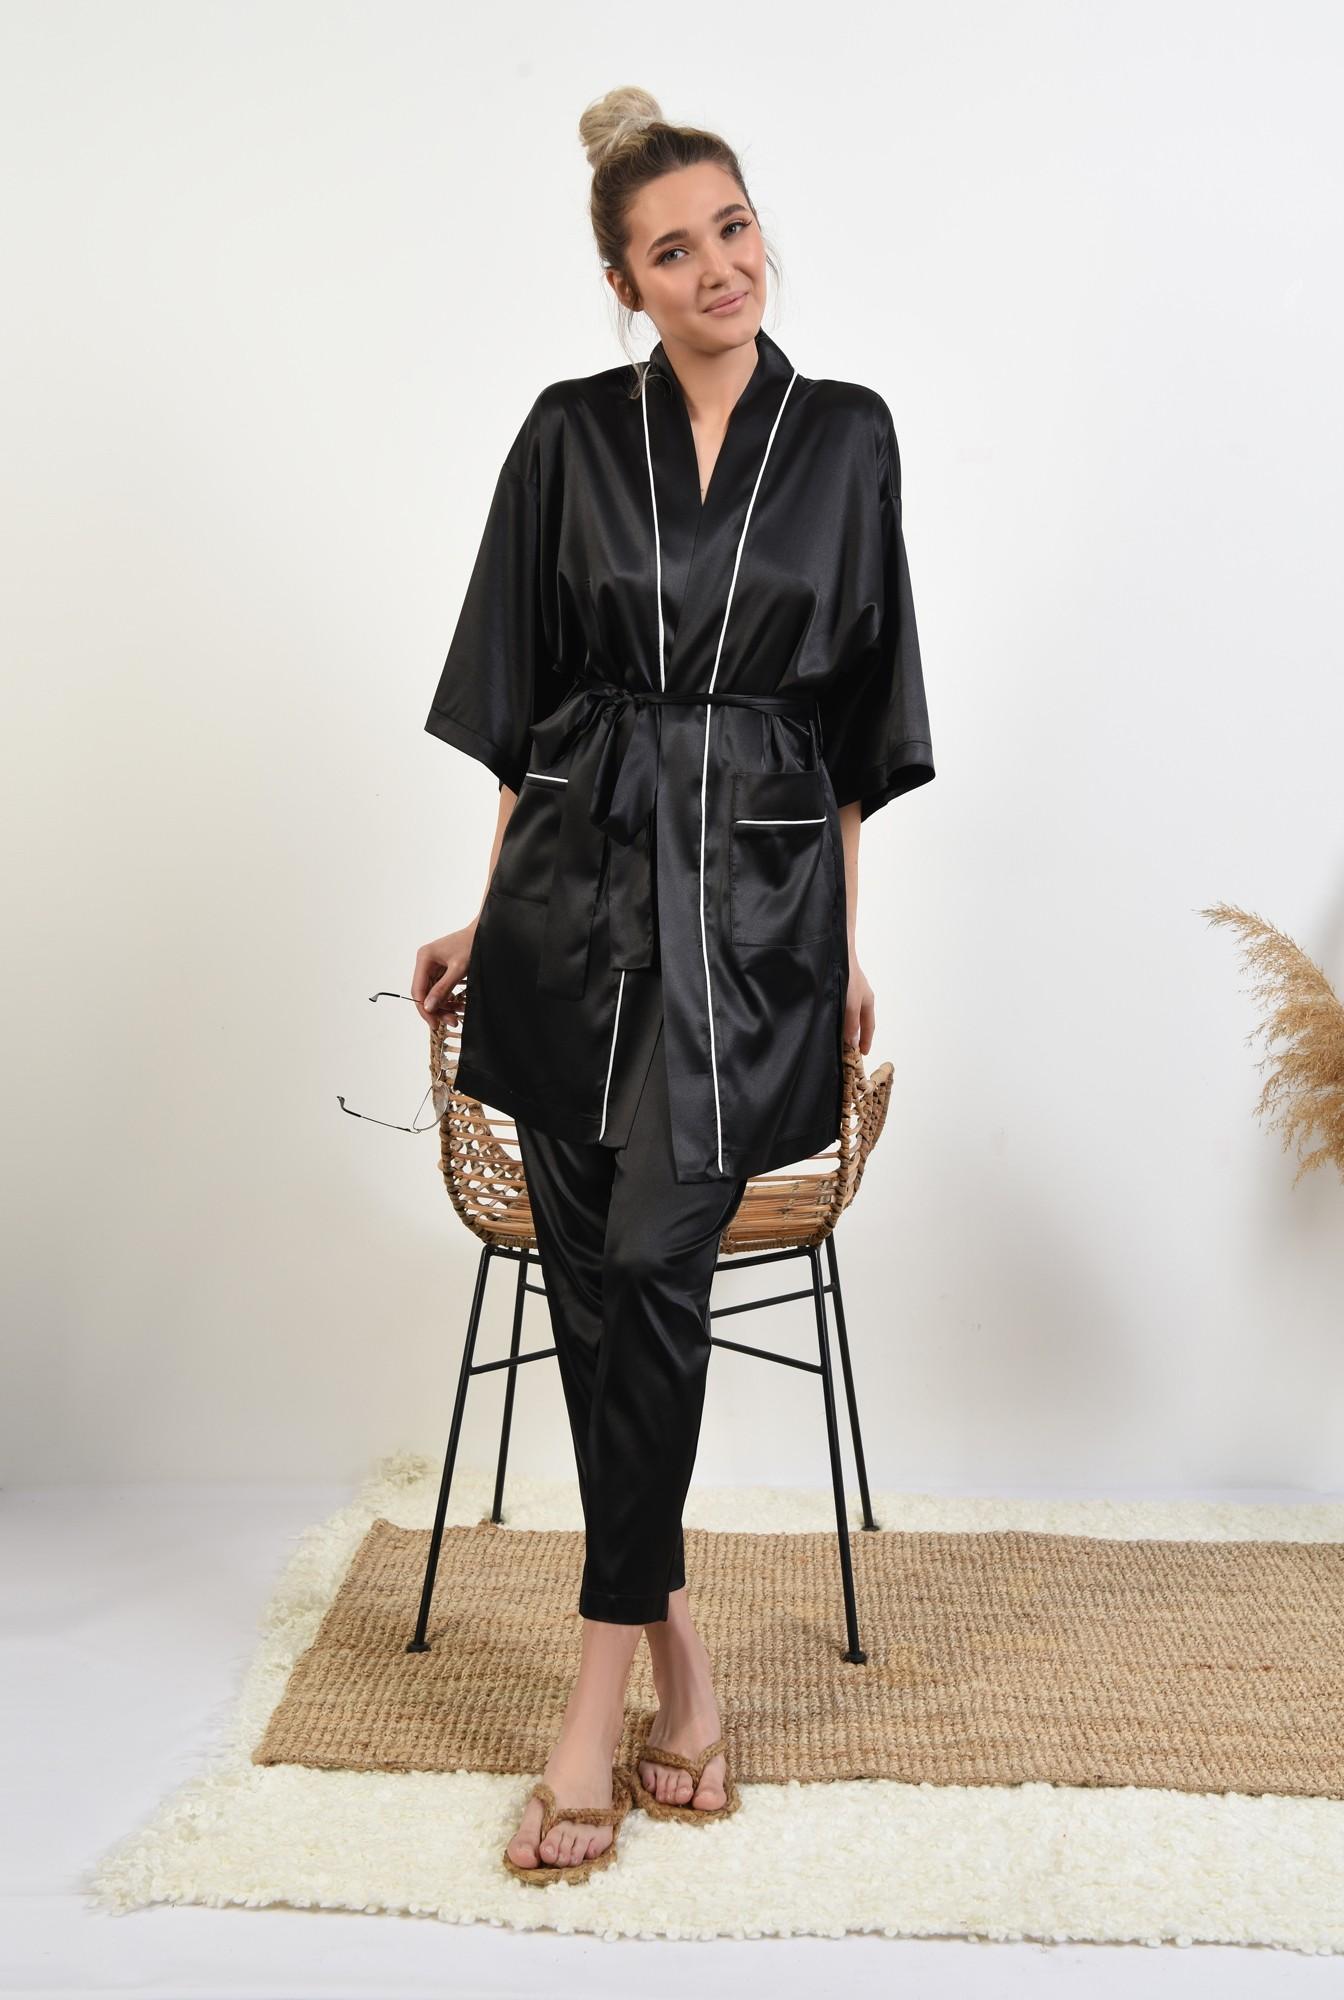 3 - cardigan din satin, negru, halat, cu borduri in contrast, cu buzunare